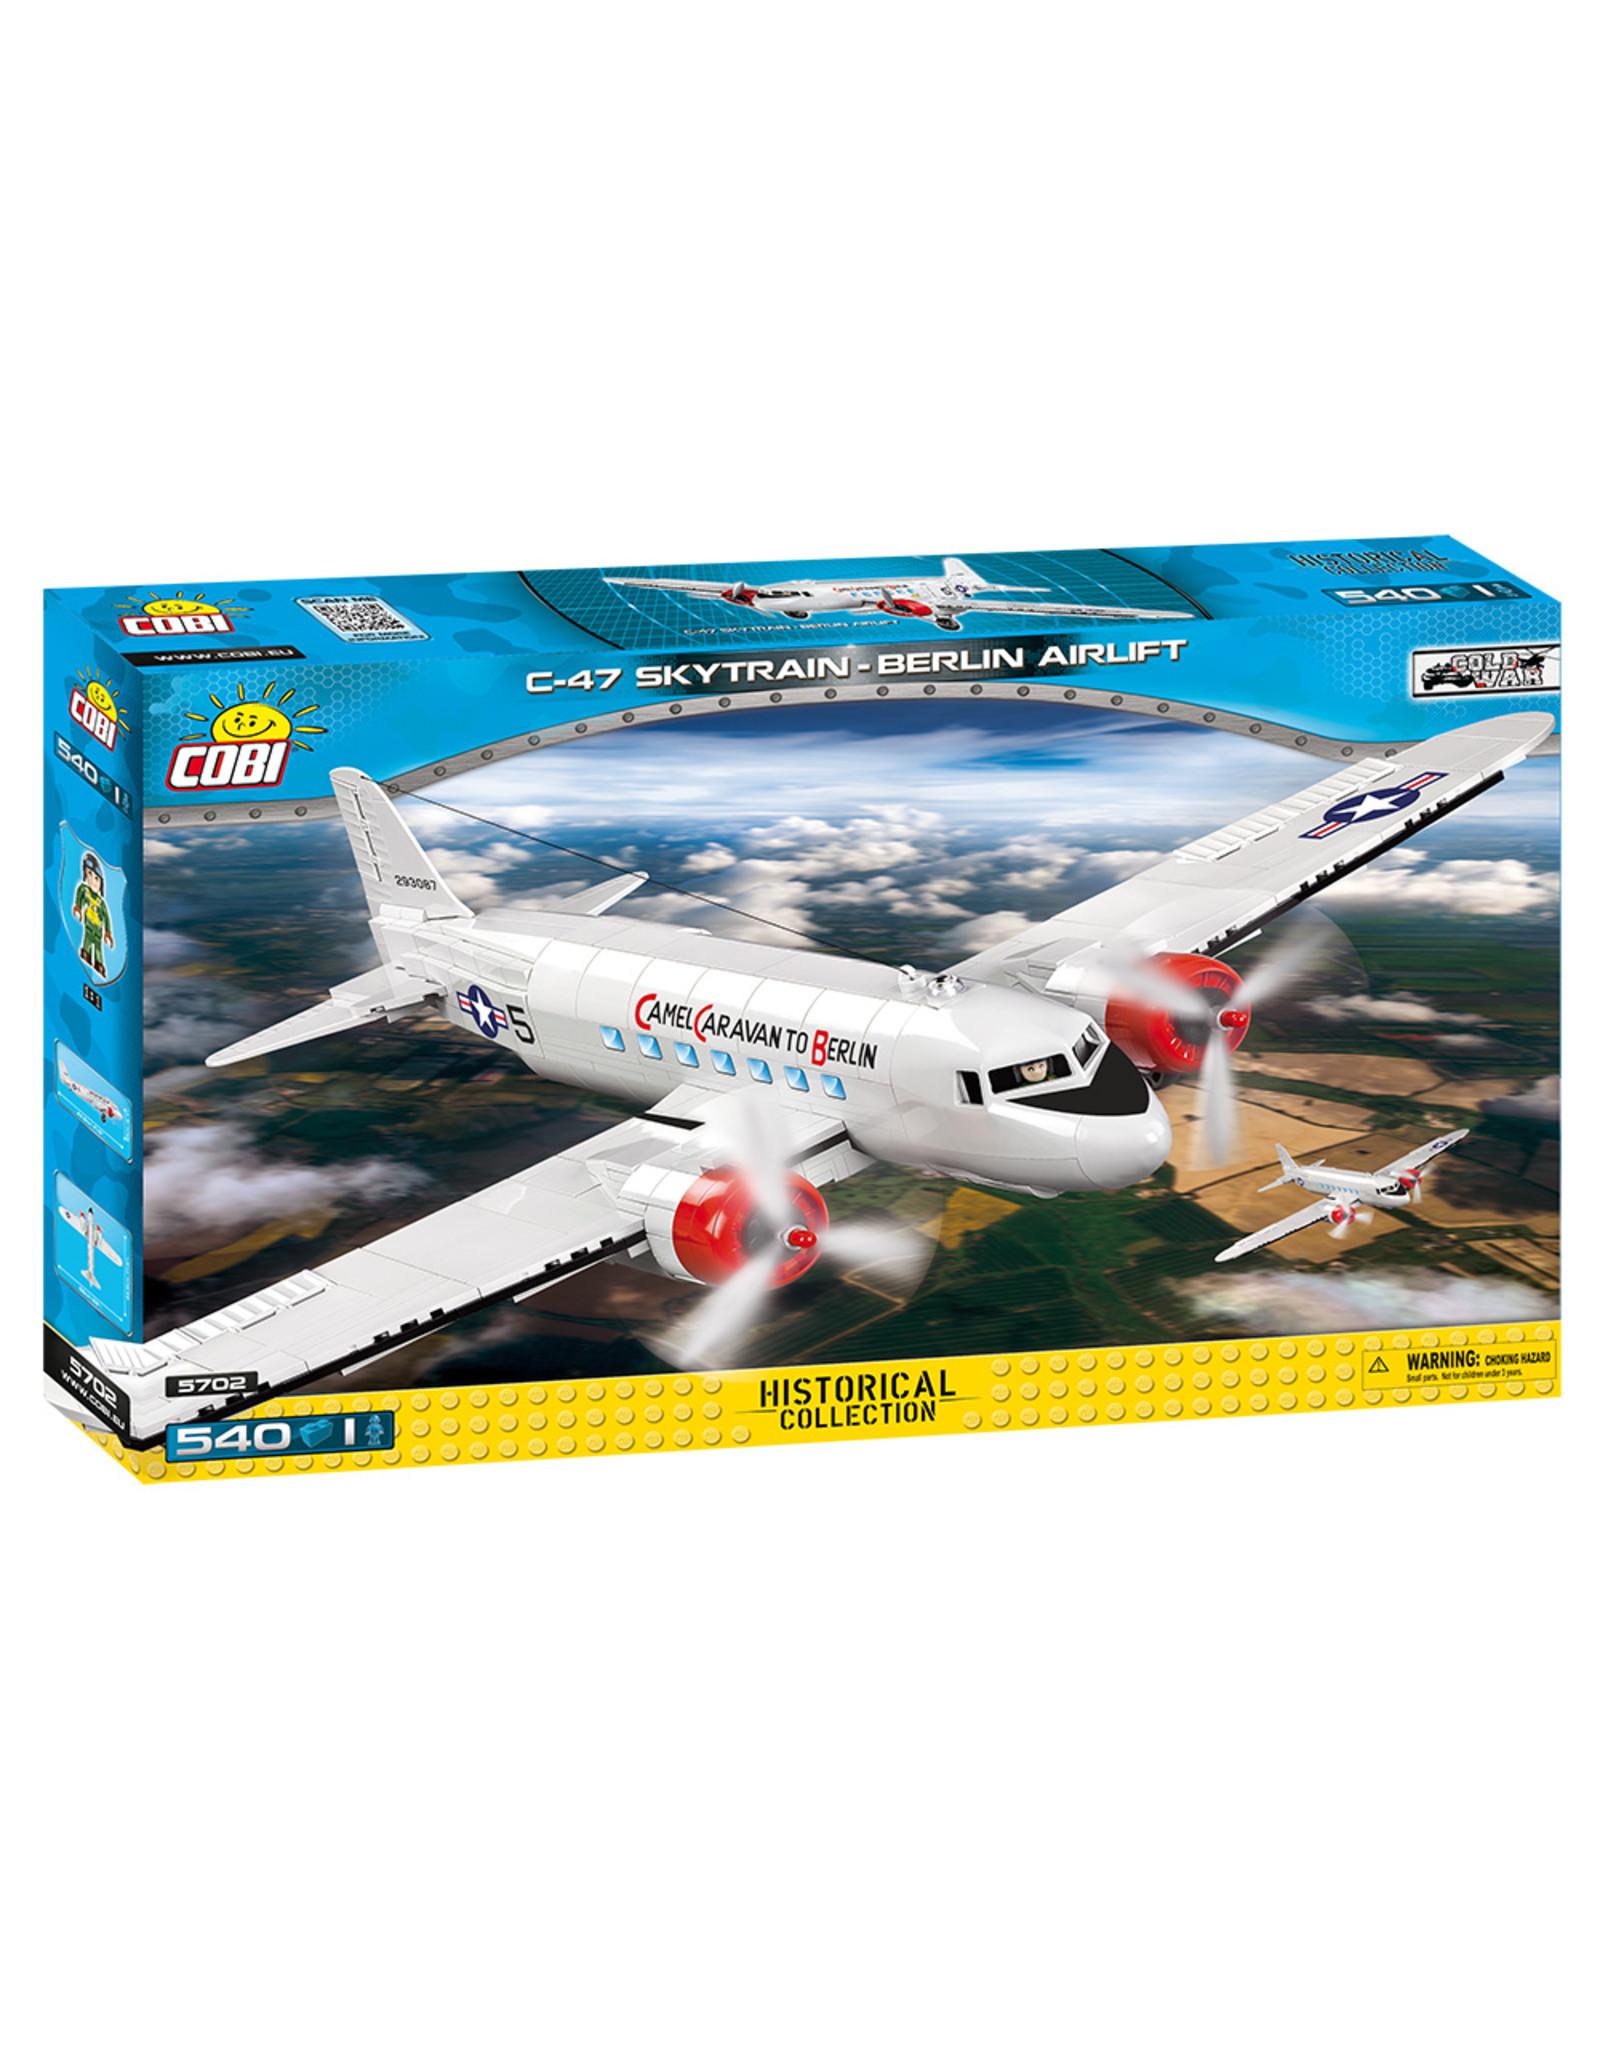 COBI Cobi CW 5702 - C-47 Skytrain Berlin Airlift